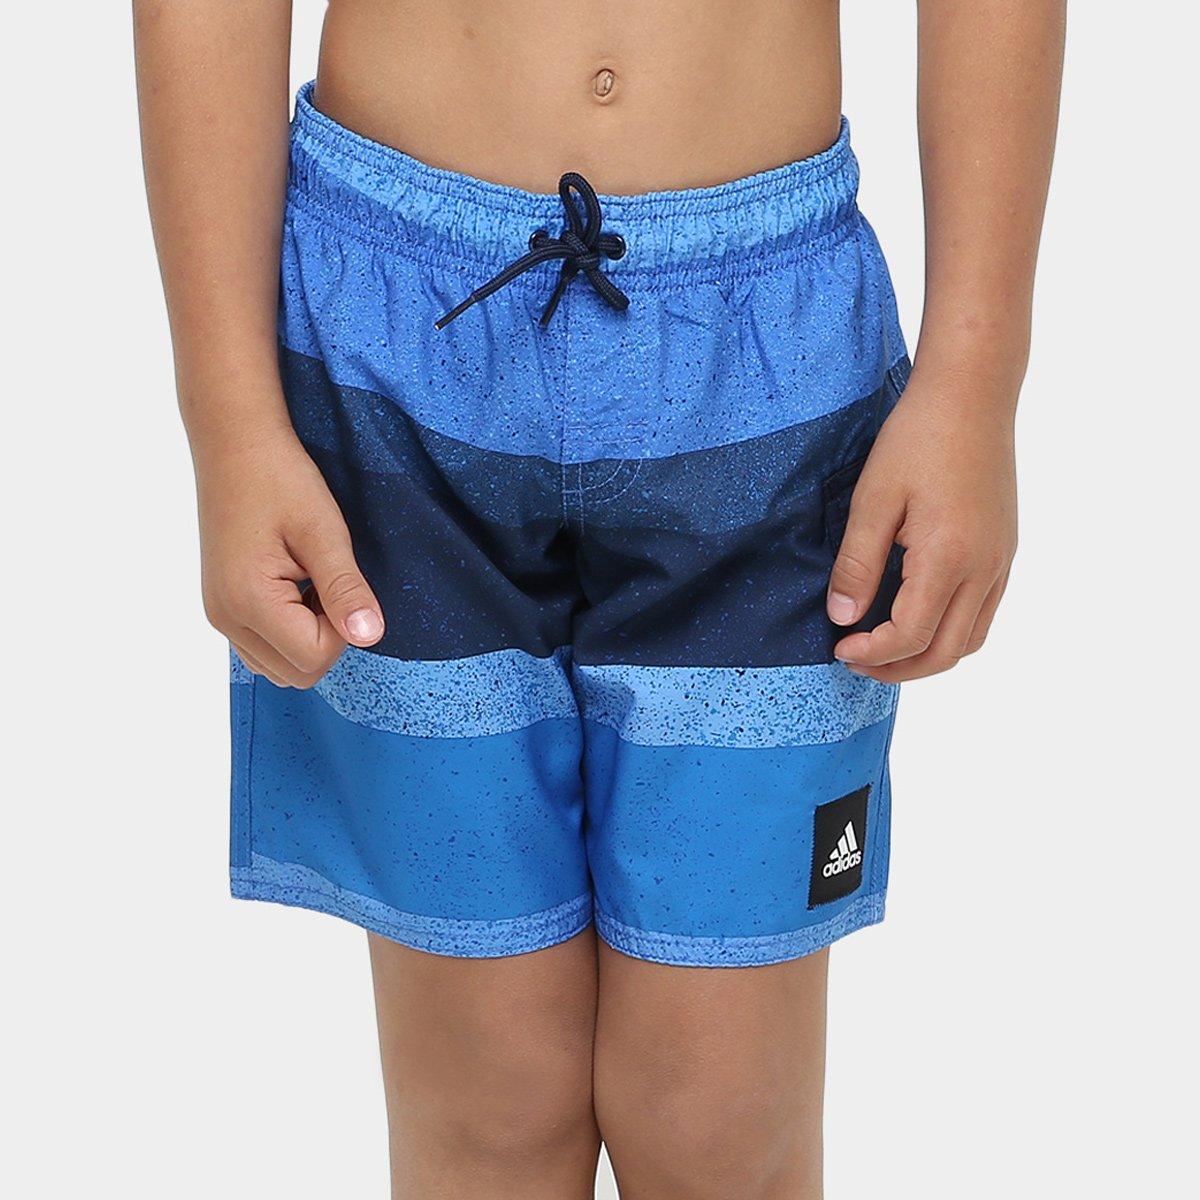 Bermuda Adidas Yb Aop